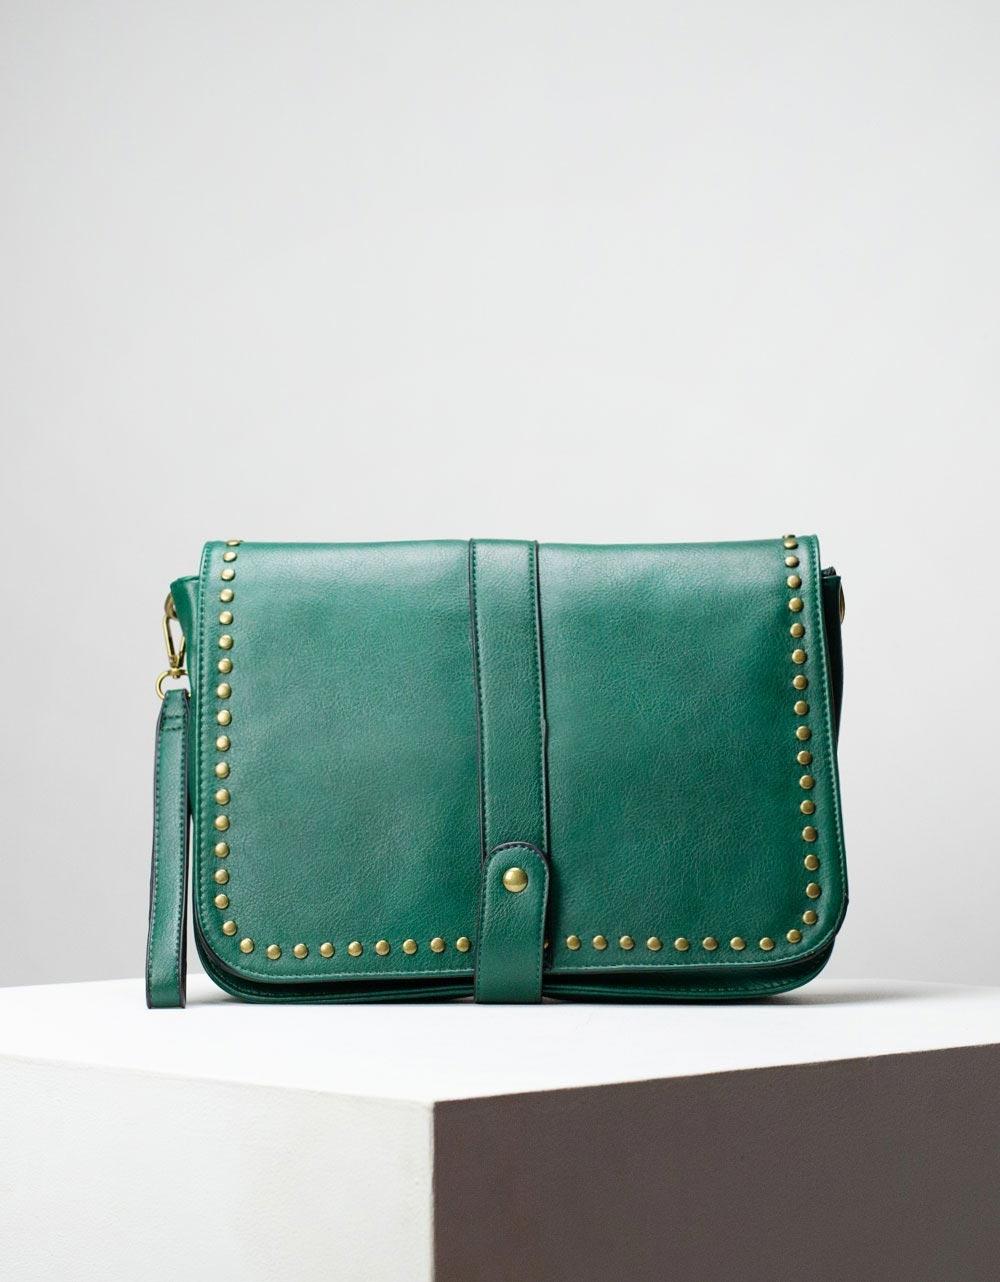 Εικόνα από Γυναικεία τσάντα ώμου & χιαστί με τρουκς Πράσινο